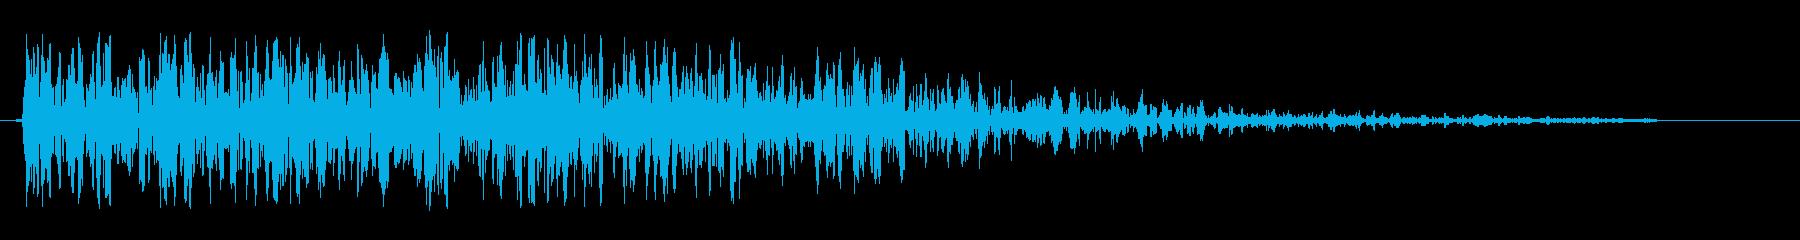 ドンジャン(クイズの出題)の再生済みの波形